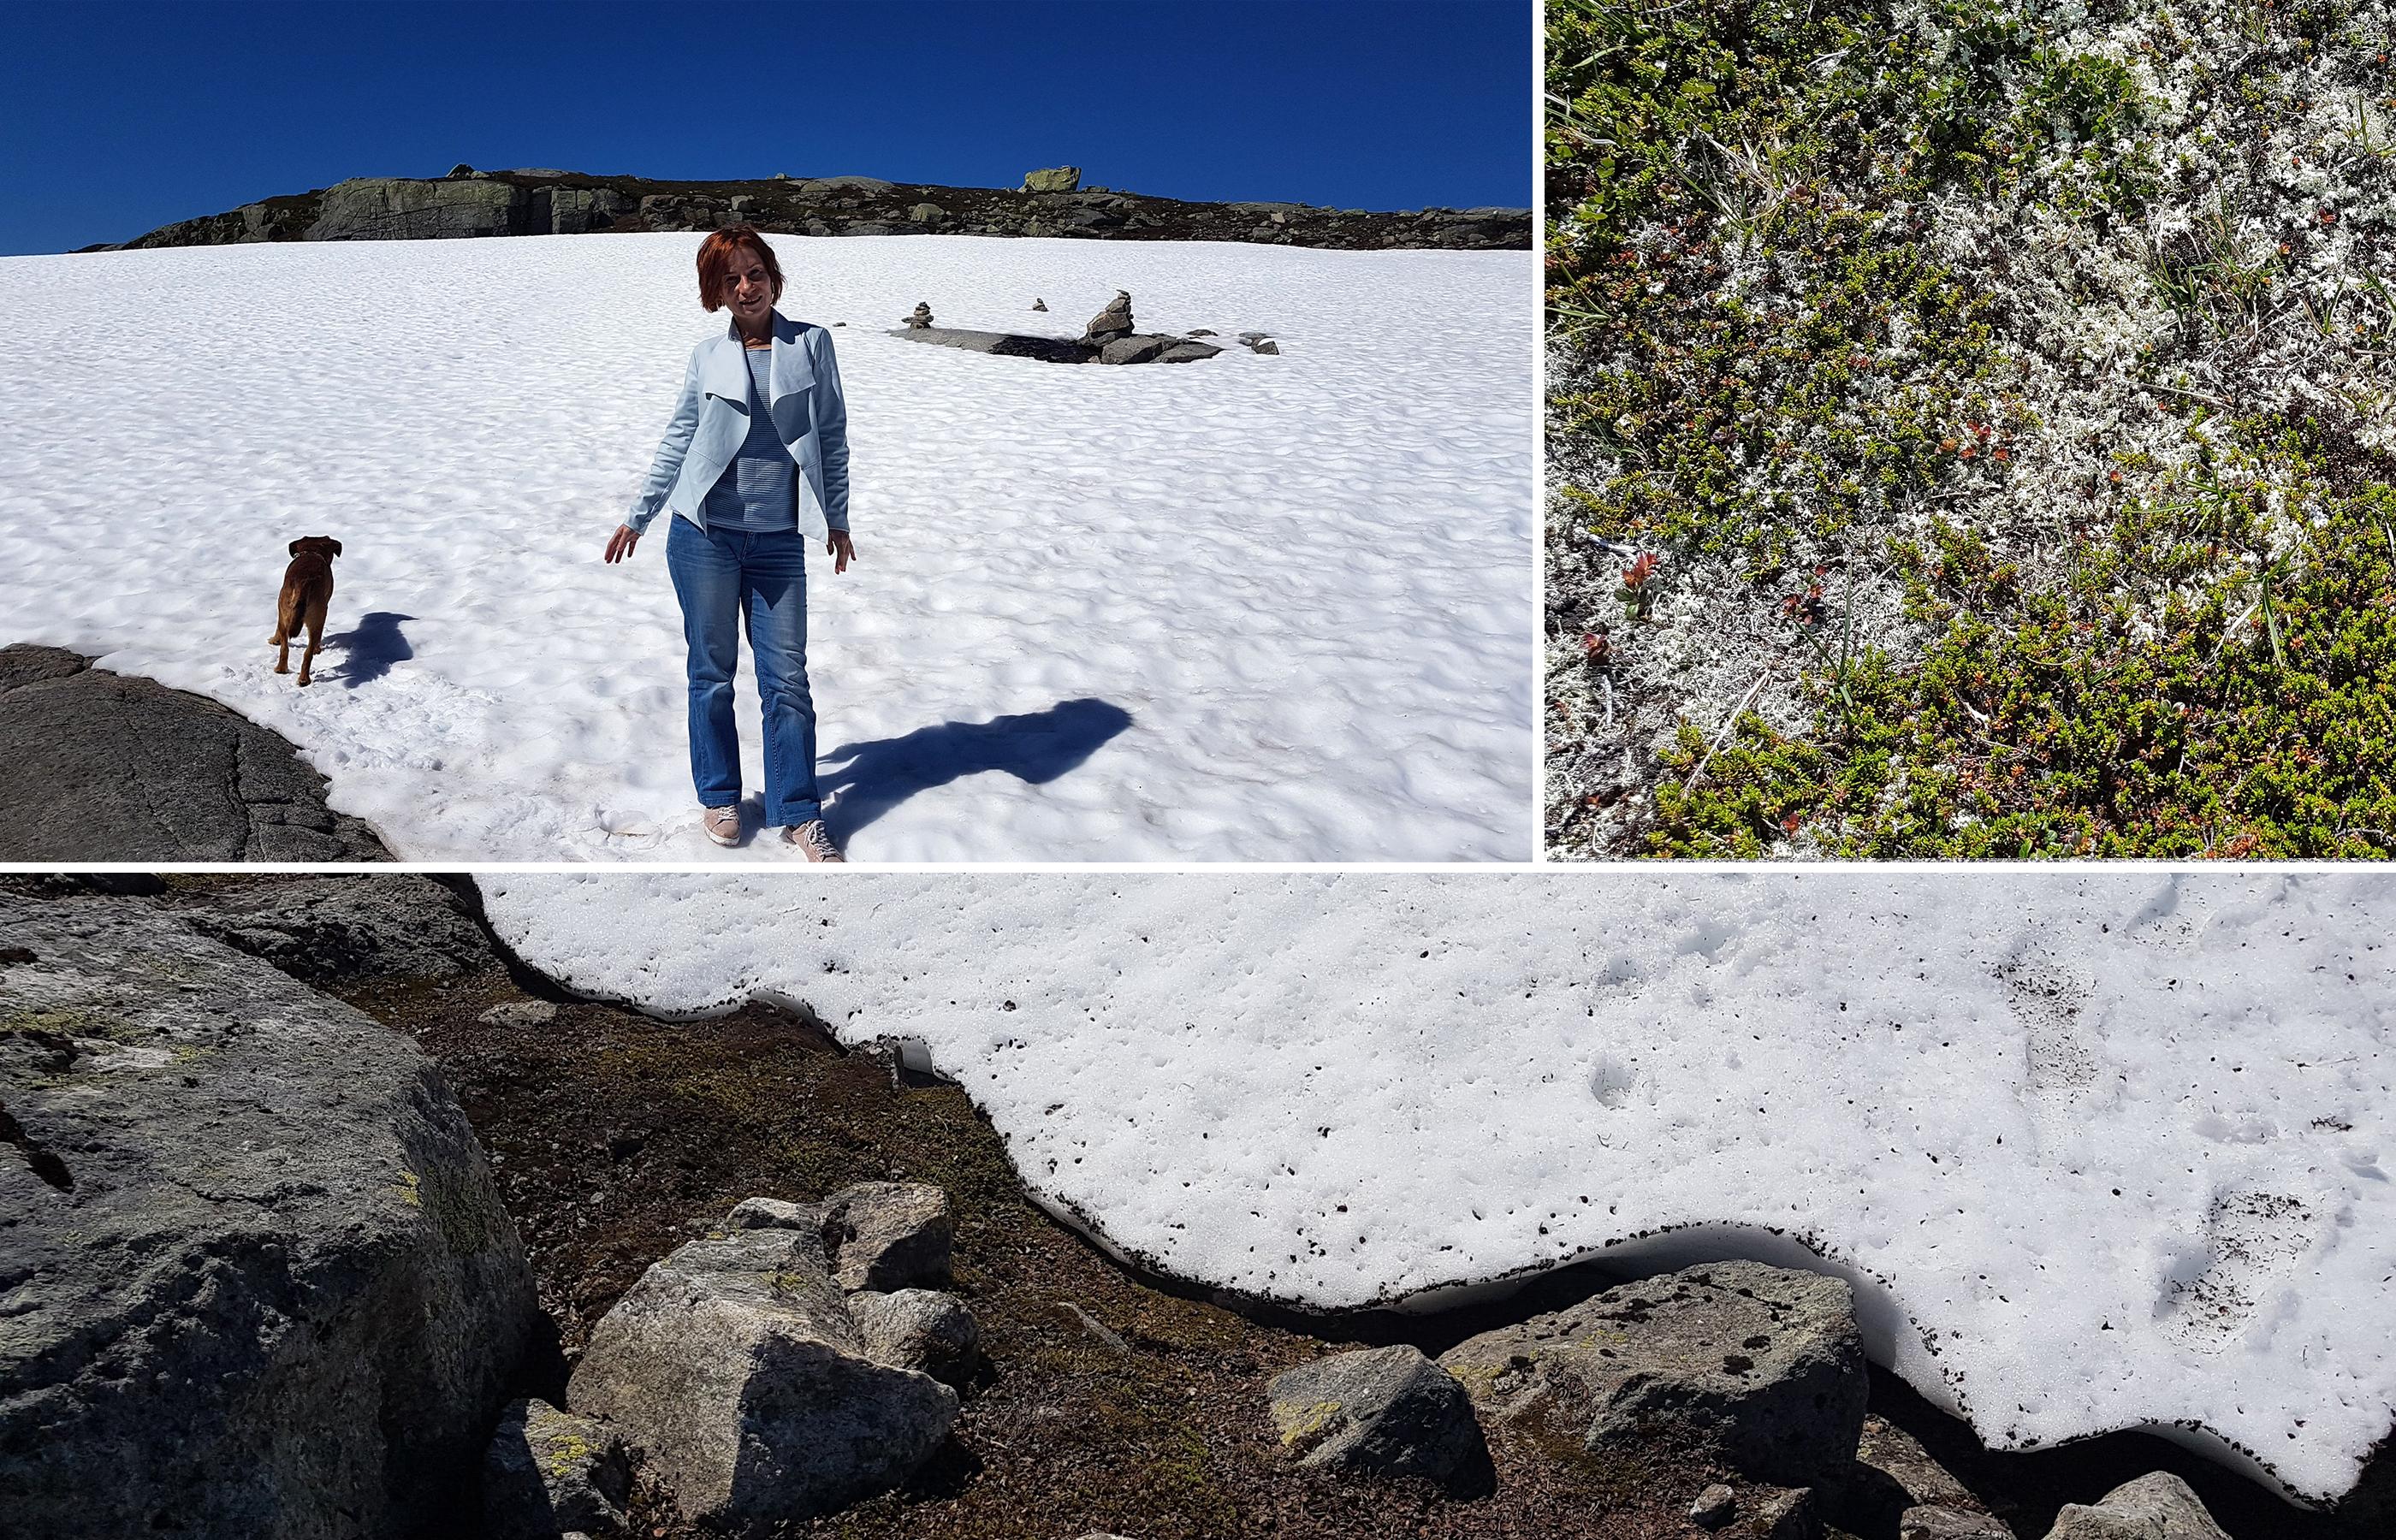 Норвежское высокогорье - снег, мхи и лишайники, скалы и чистейшие озера